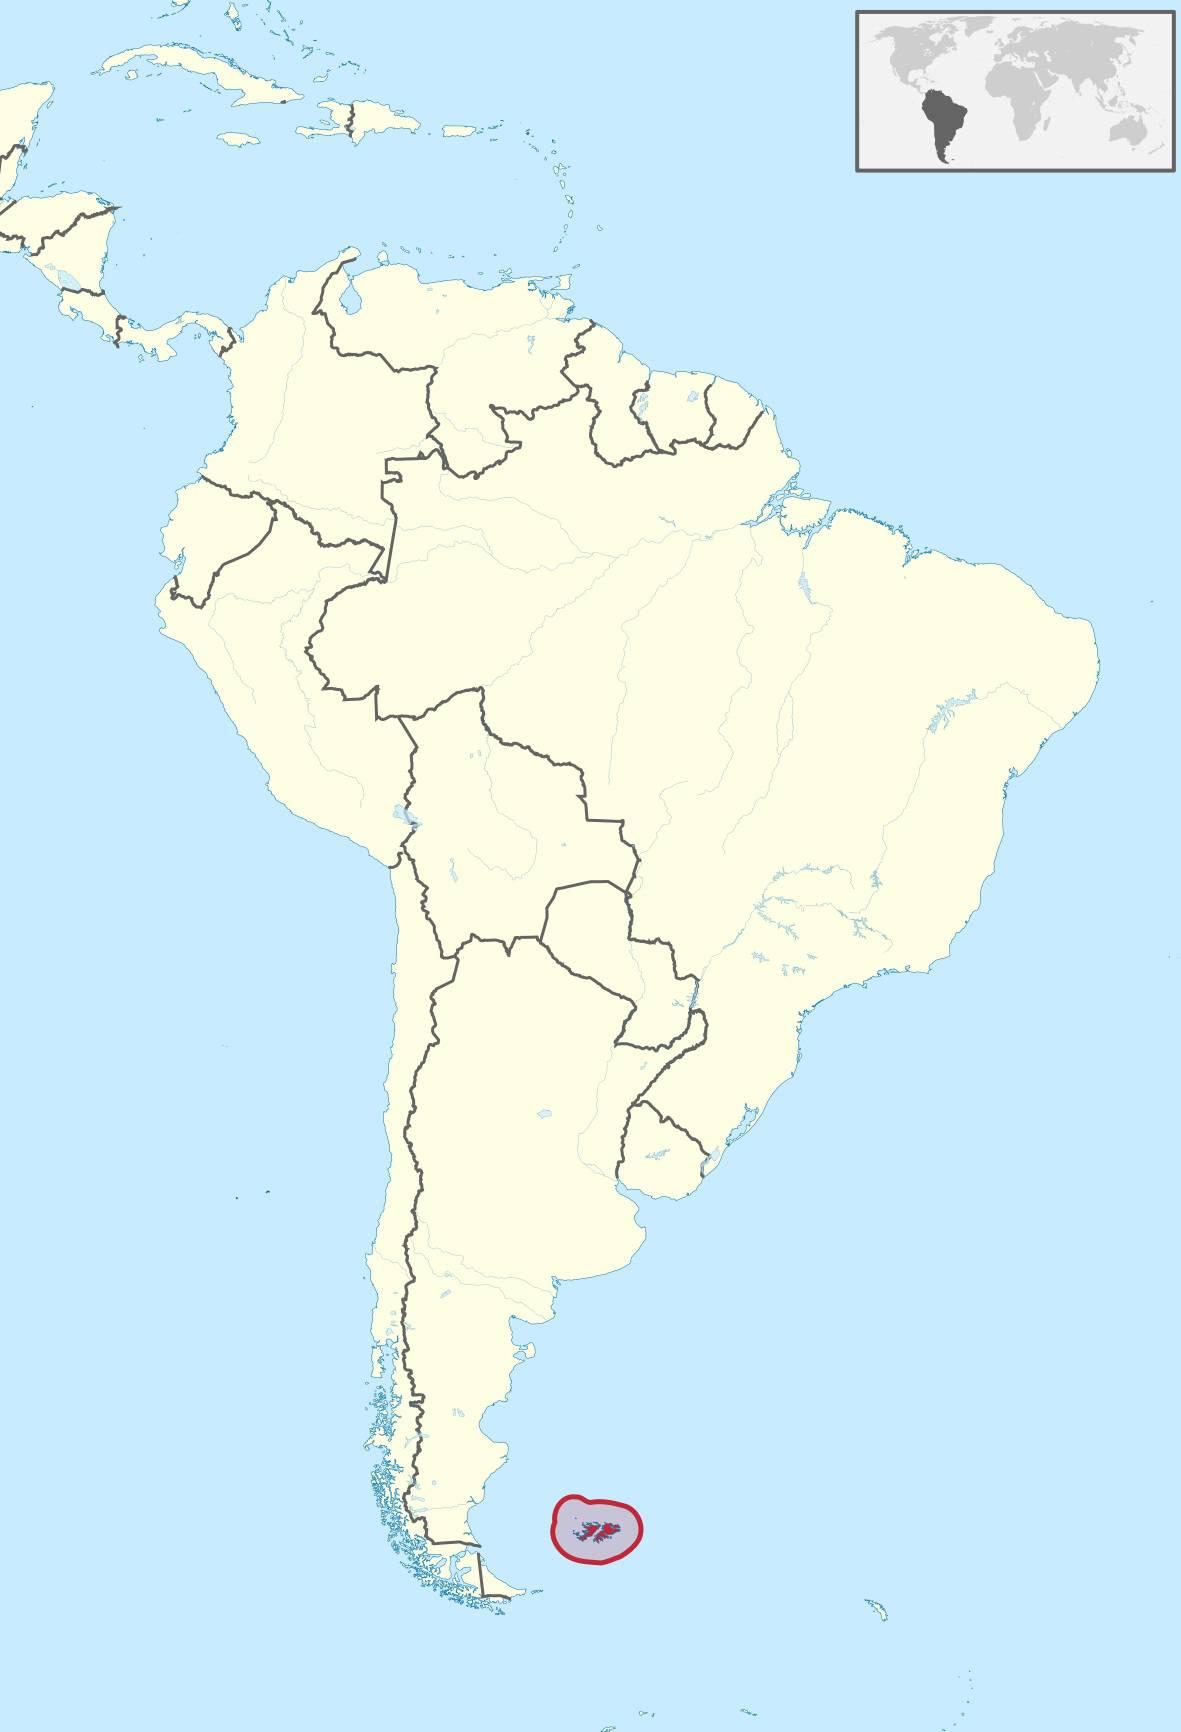 Malouines sur une carte de l'Amérique du Sud